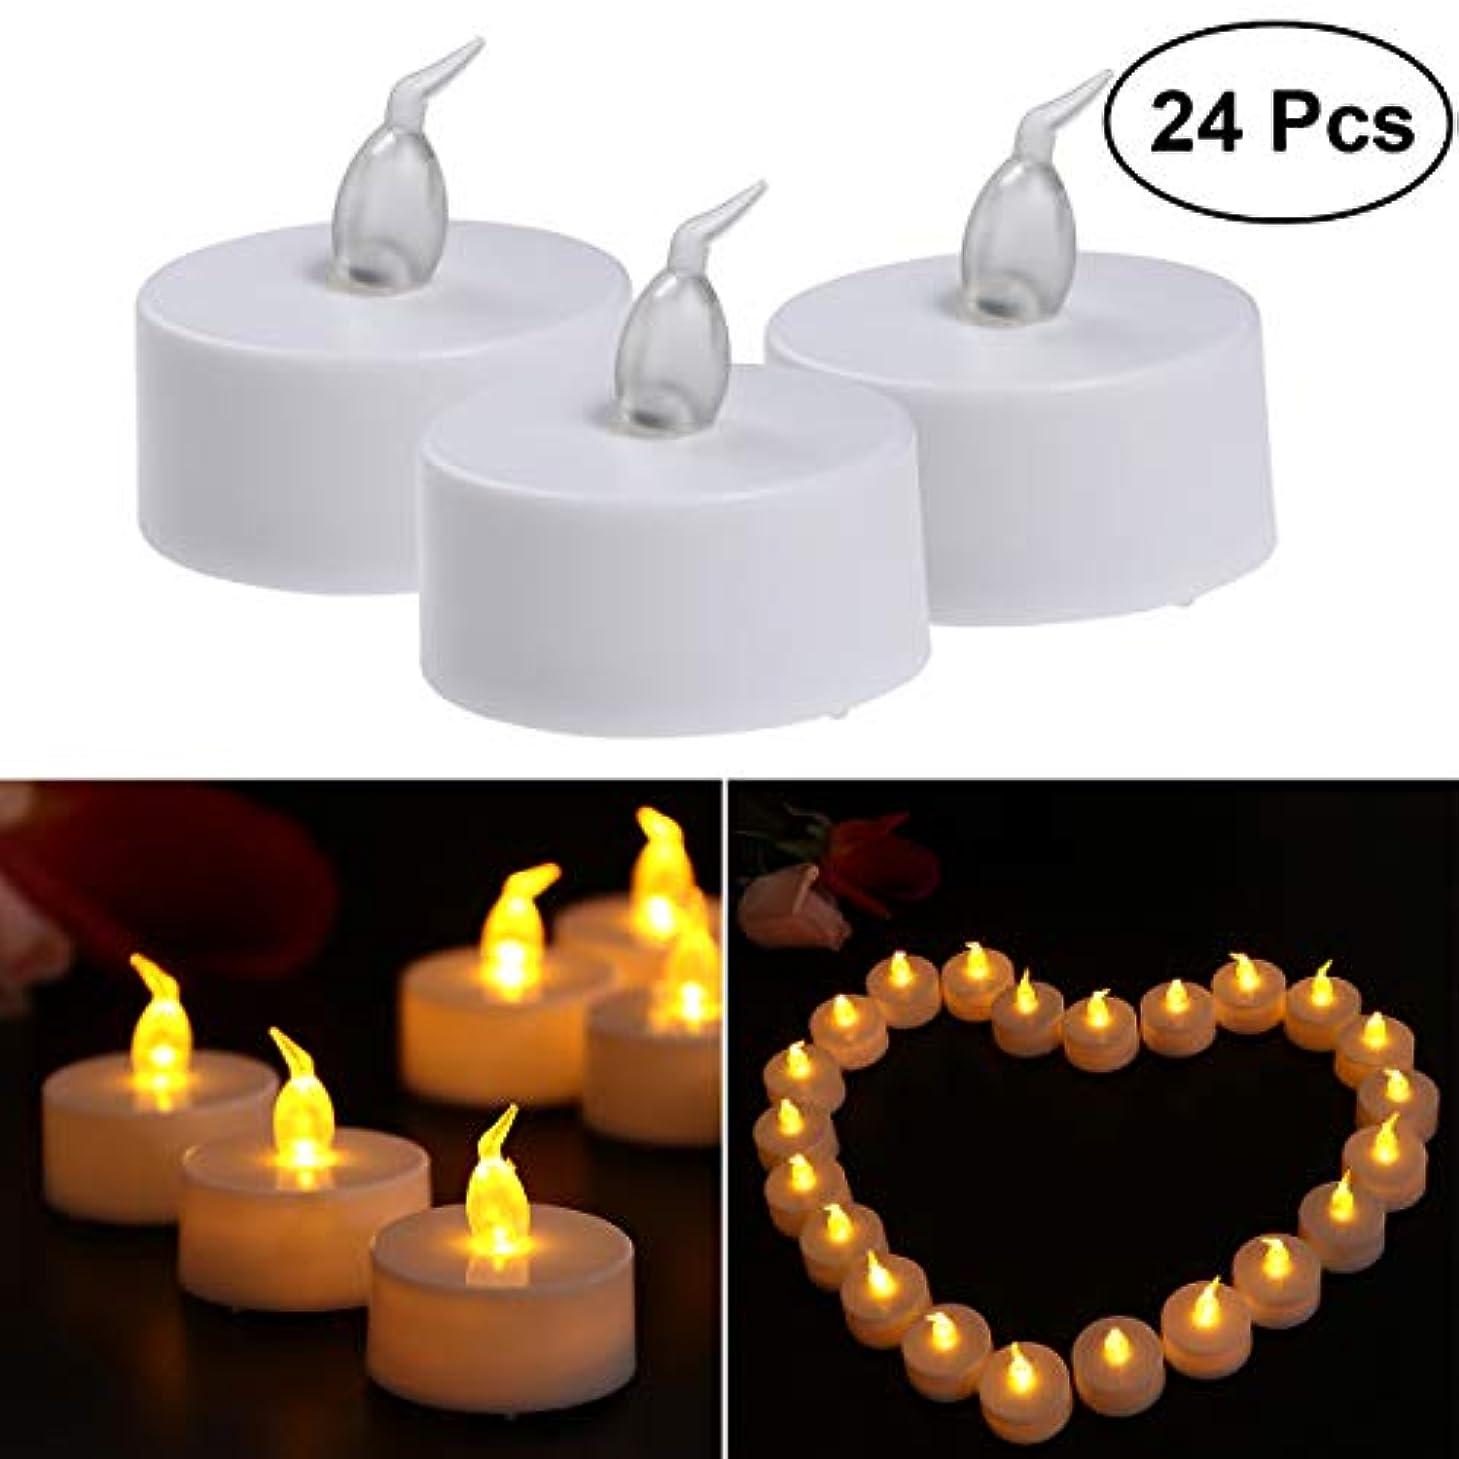 逃れる急いで社交的Vosarea キャンドル ライト LED キャンドルを点灯 電池で動作 プラスチック 誕生日 祭り 祝賀 3.8×4.2cm 24ピース(黄色のフラッシュライト)